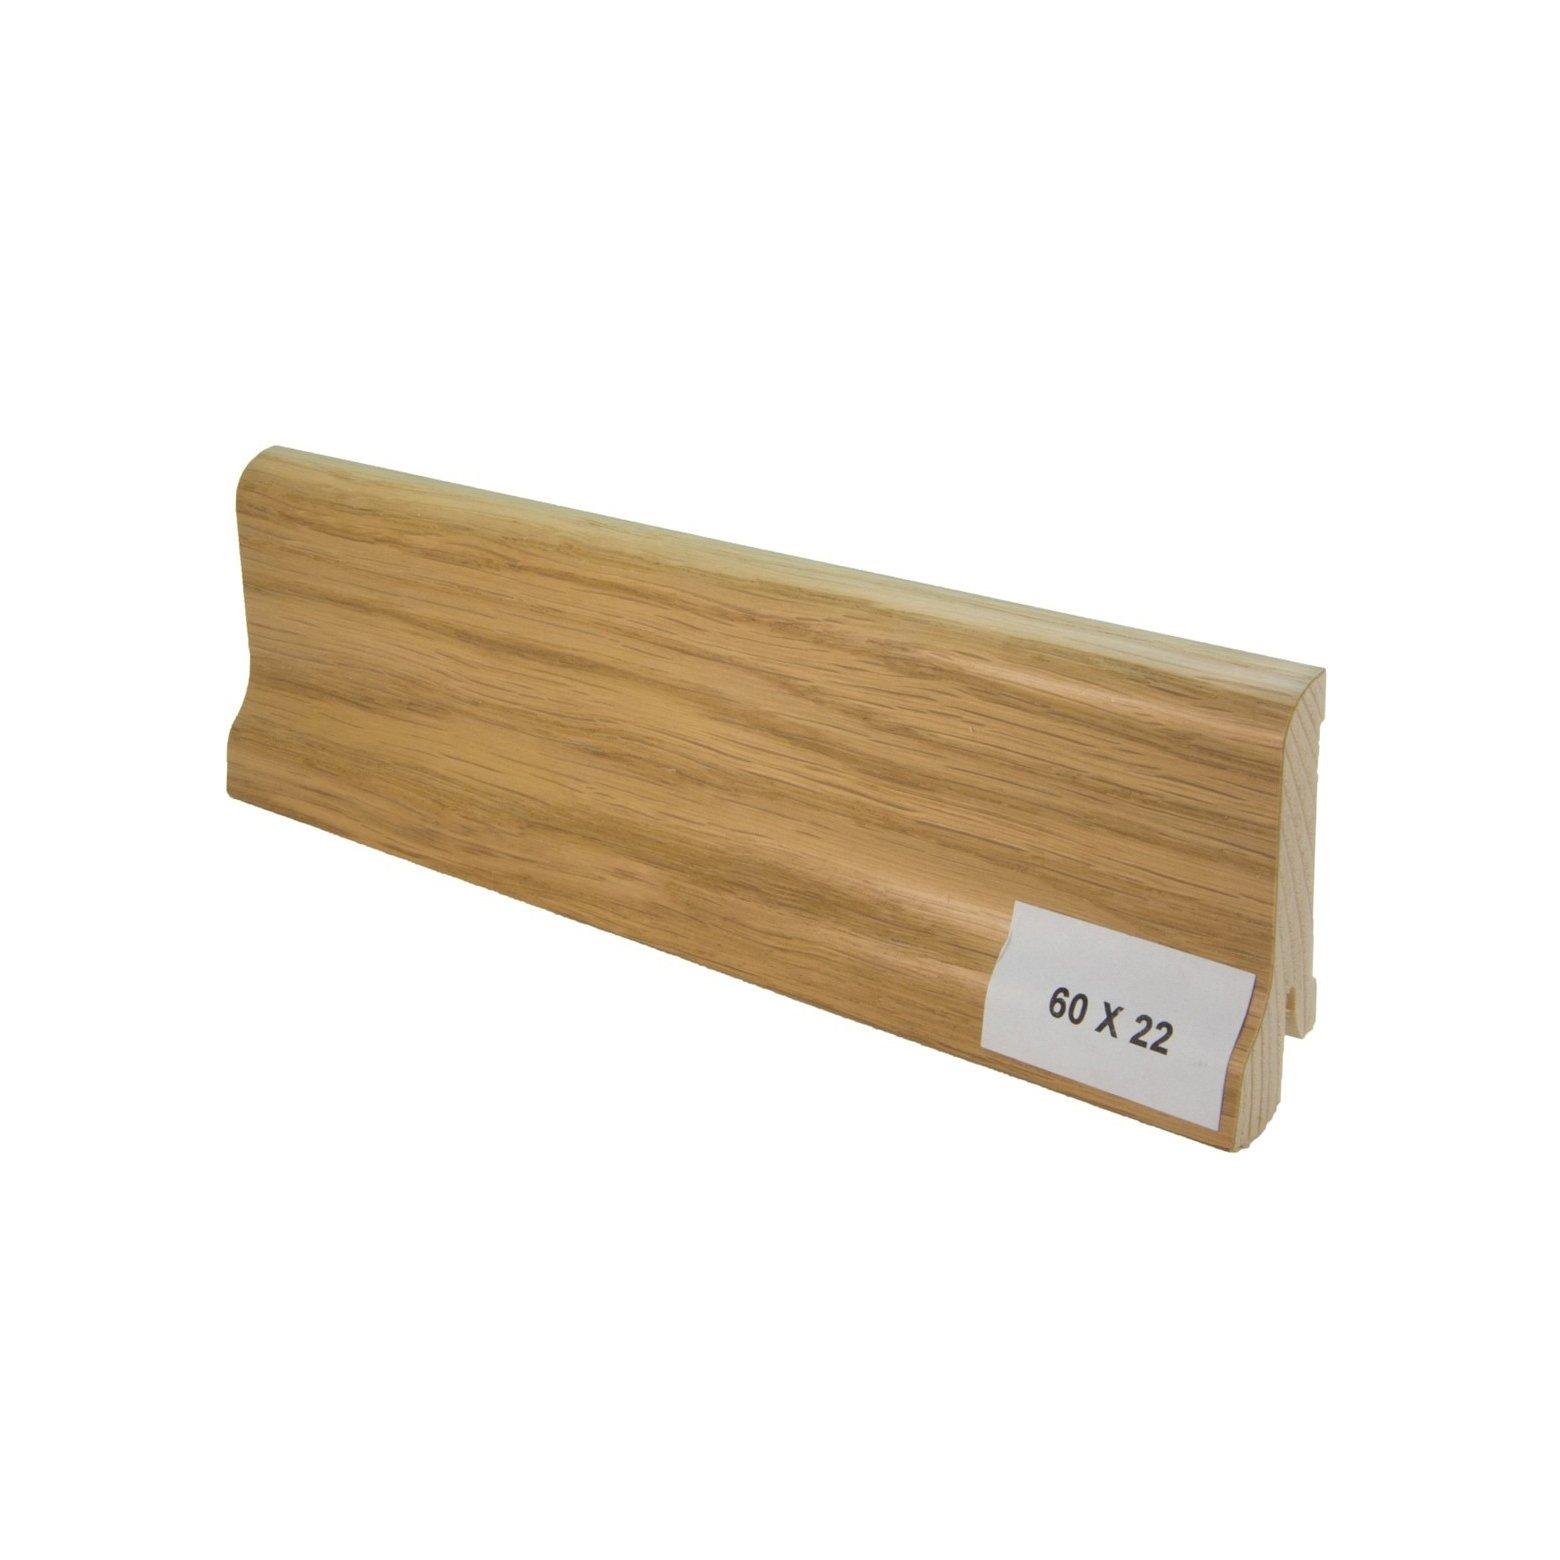 Listwa drewniana (60/22 mm) DĄB EUROPEJSKI LAKIEROWANA Pedross - 1